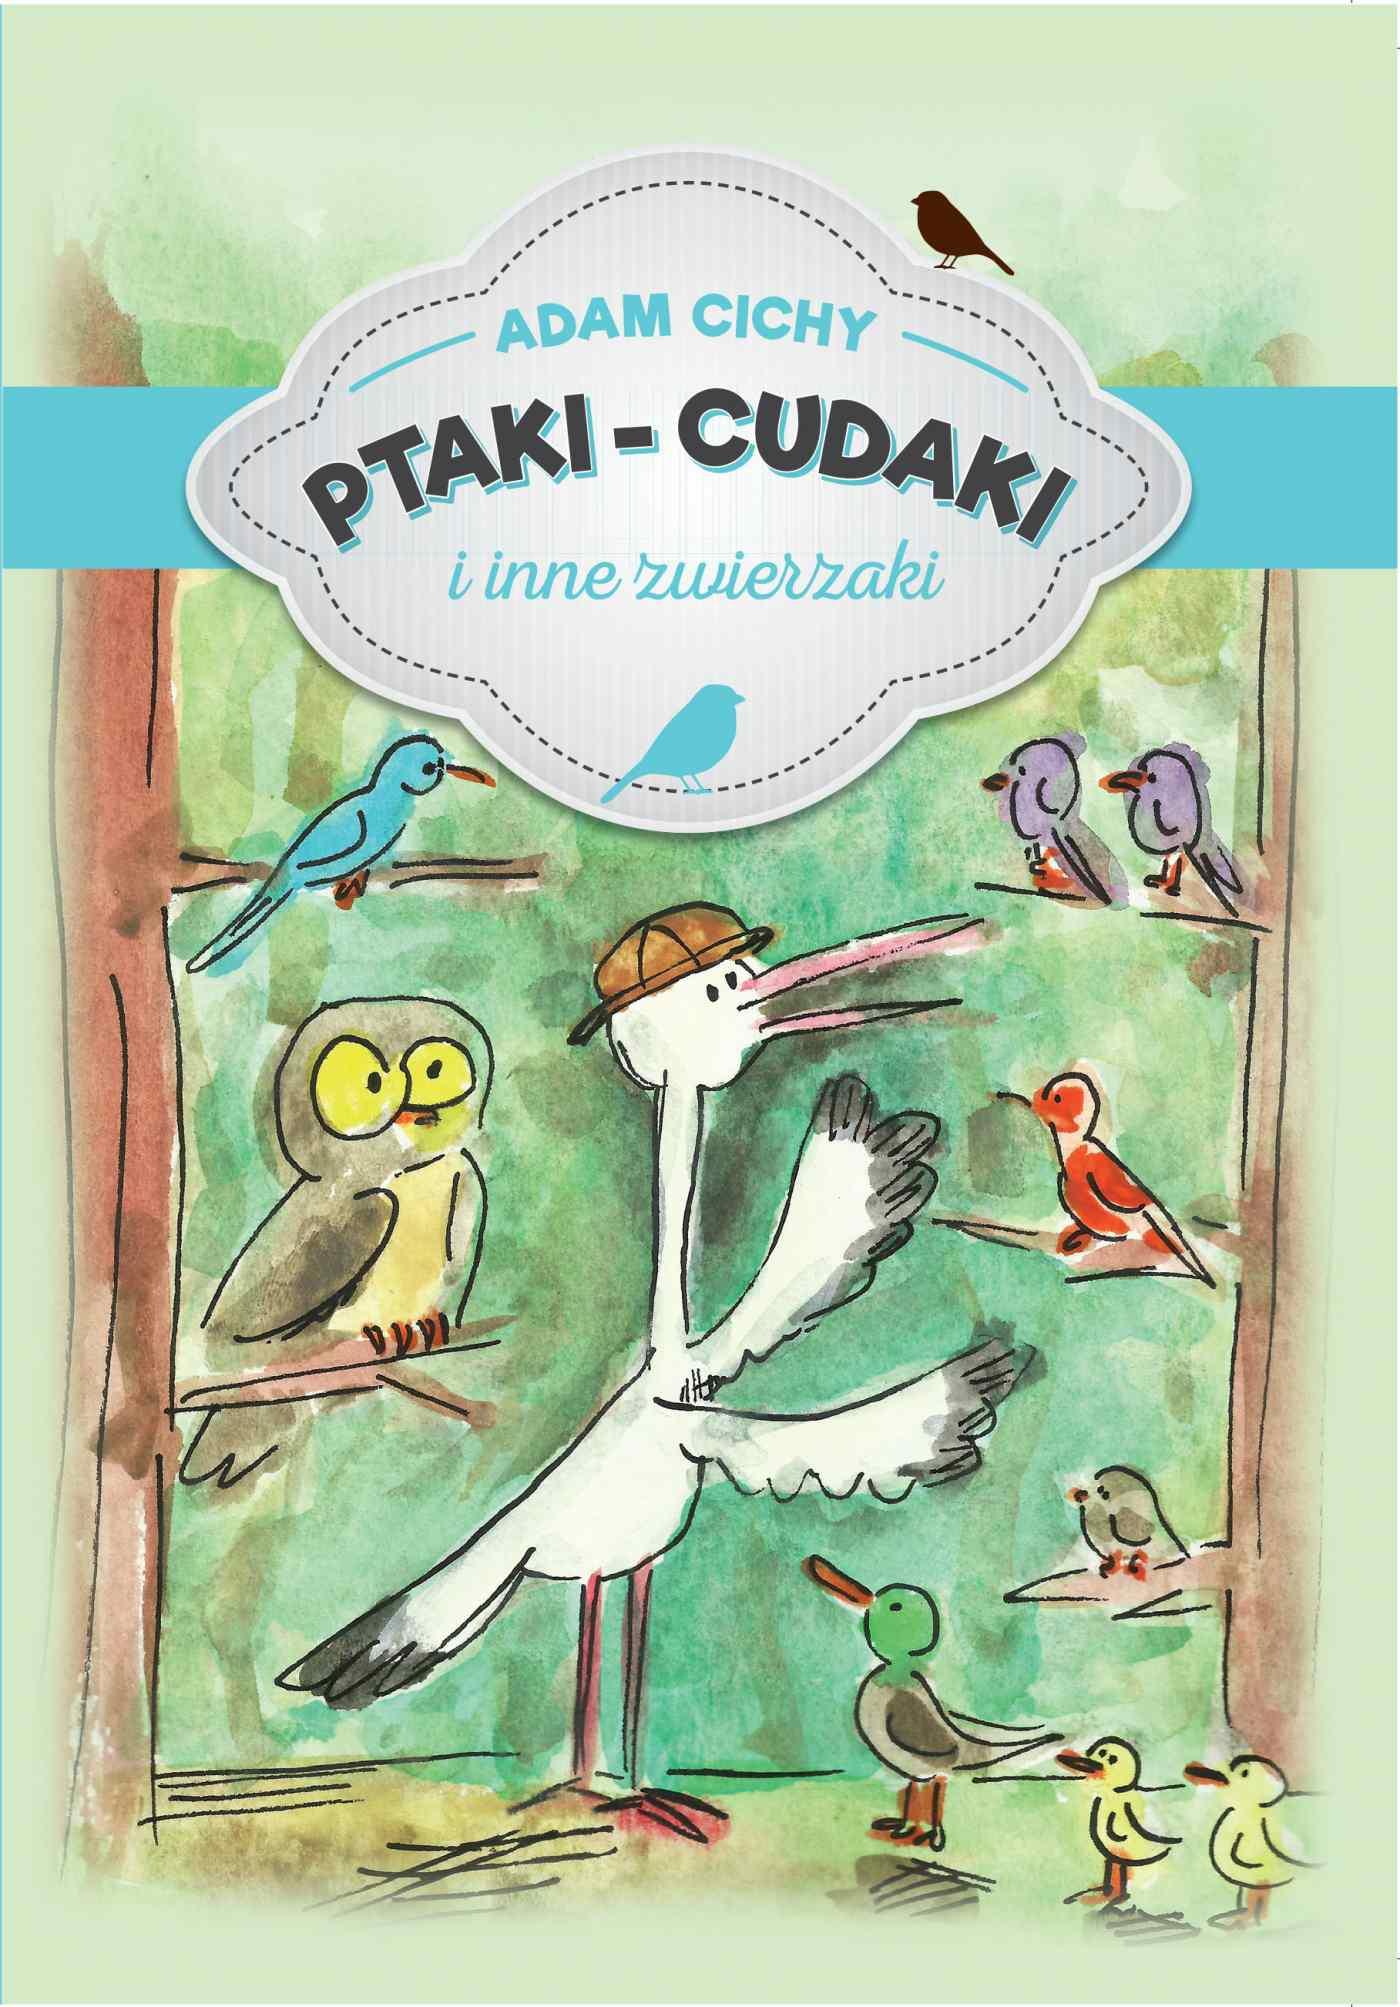 Ptaki – cudaki i inne zwierzaki - Ebook (Książka EPUB) do pobrania w formacie EPUB